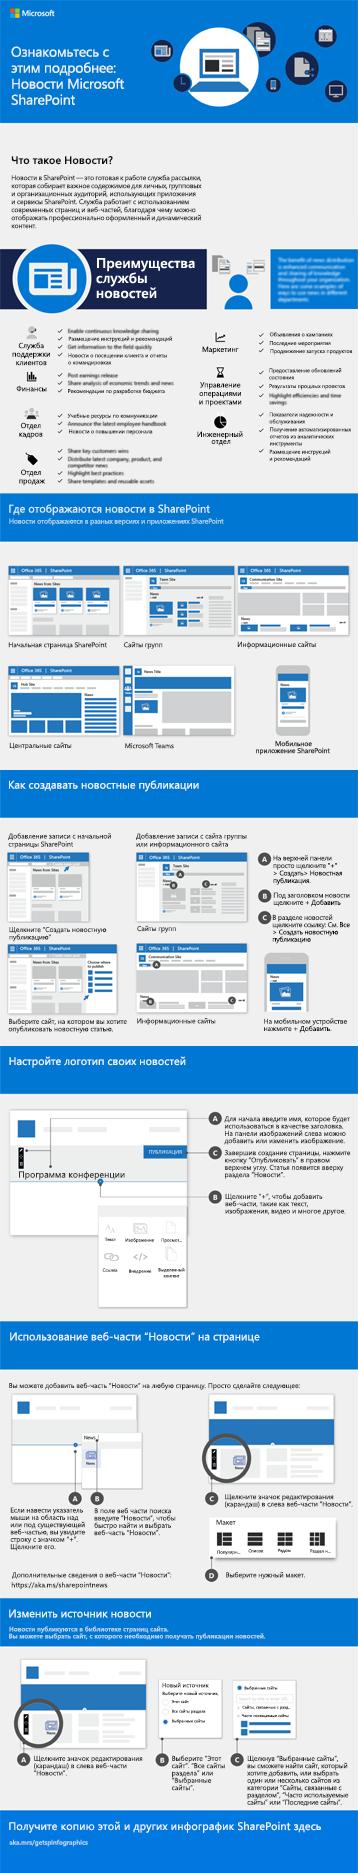 Инфографика новостей SharePoint